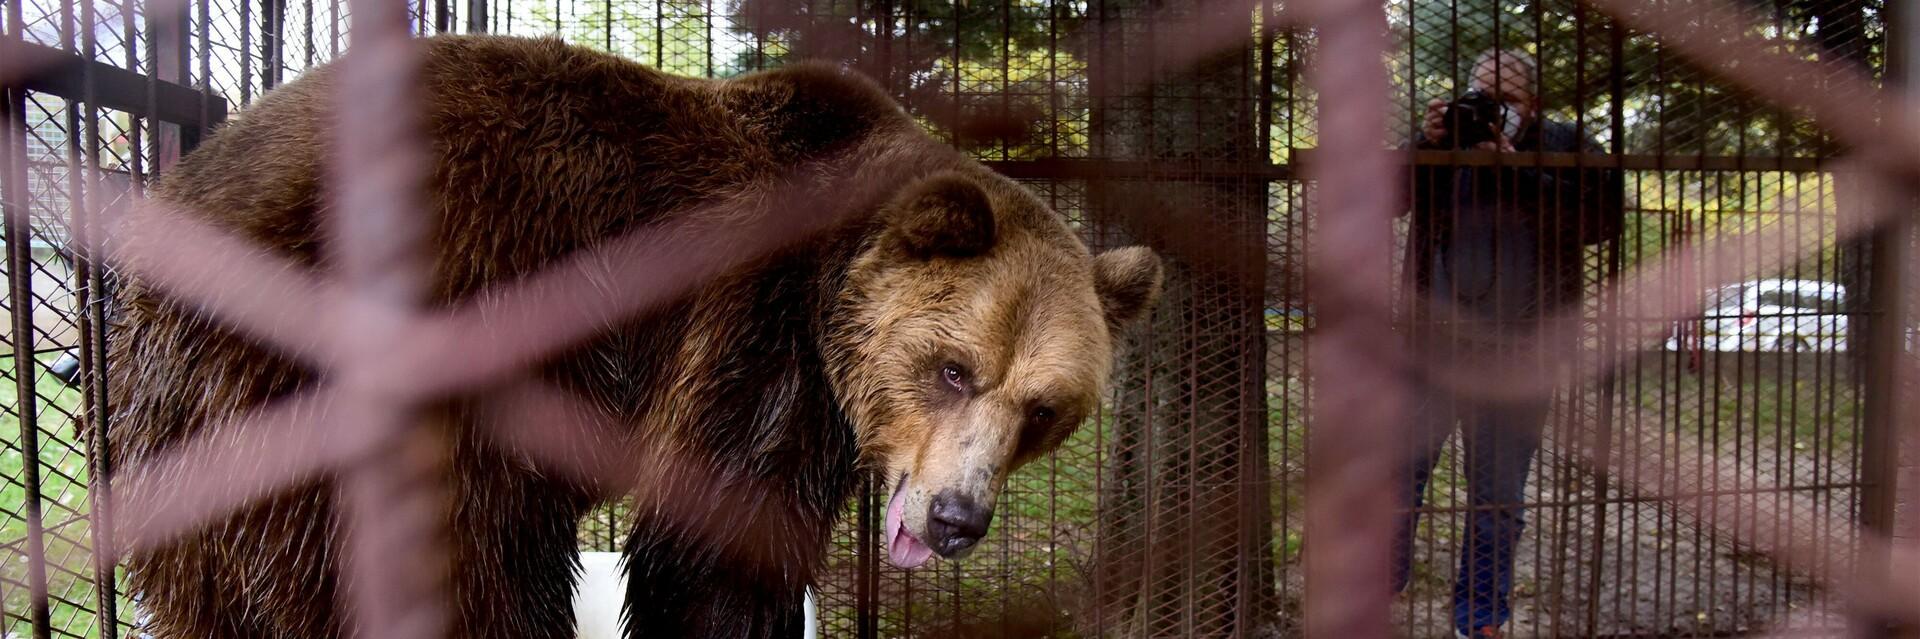 Bear Tedi